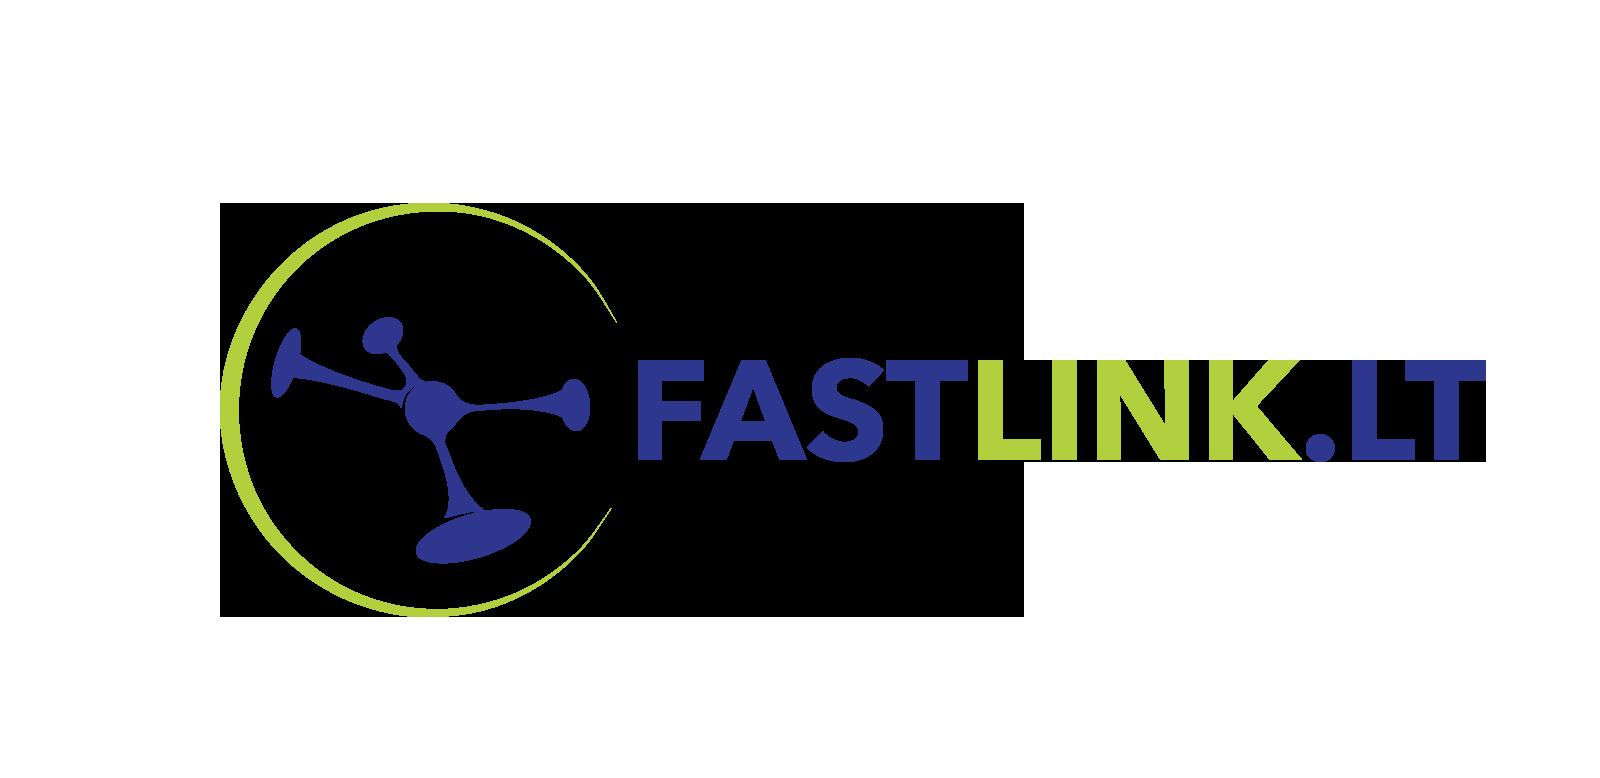 Fastlink televizija